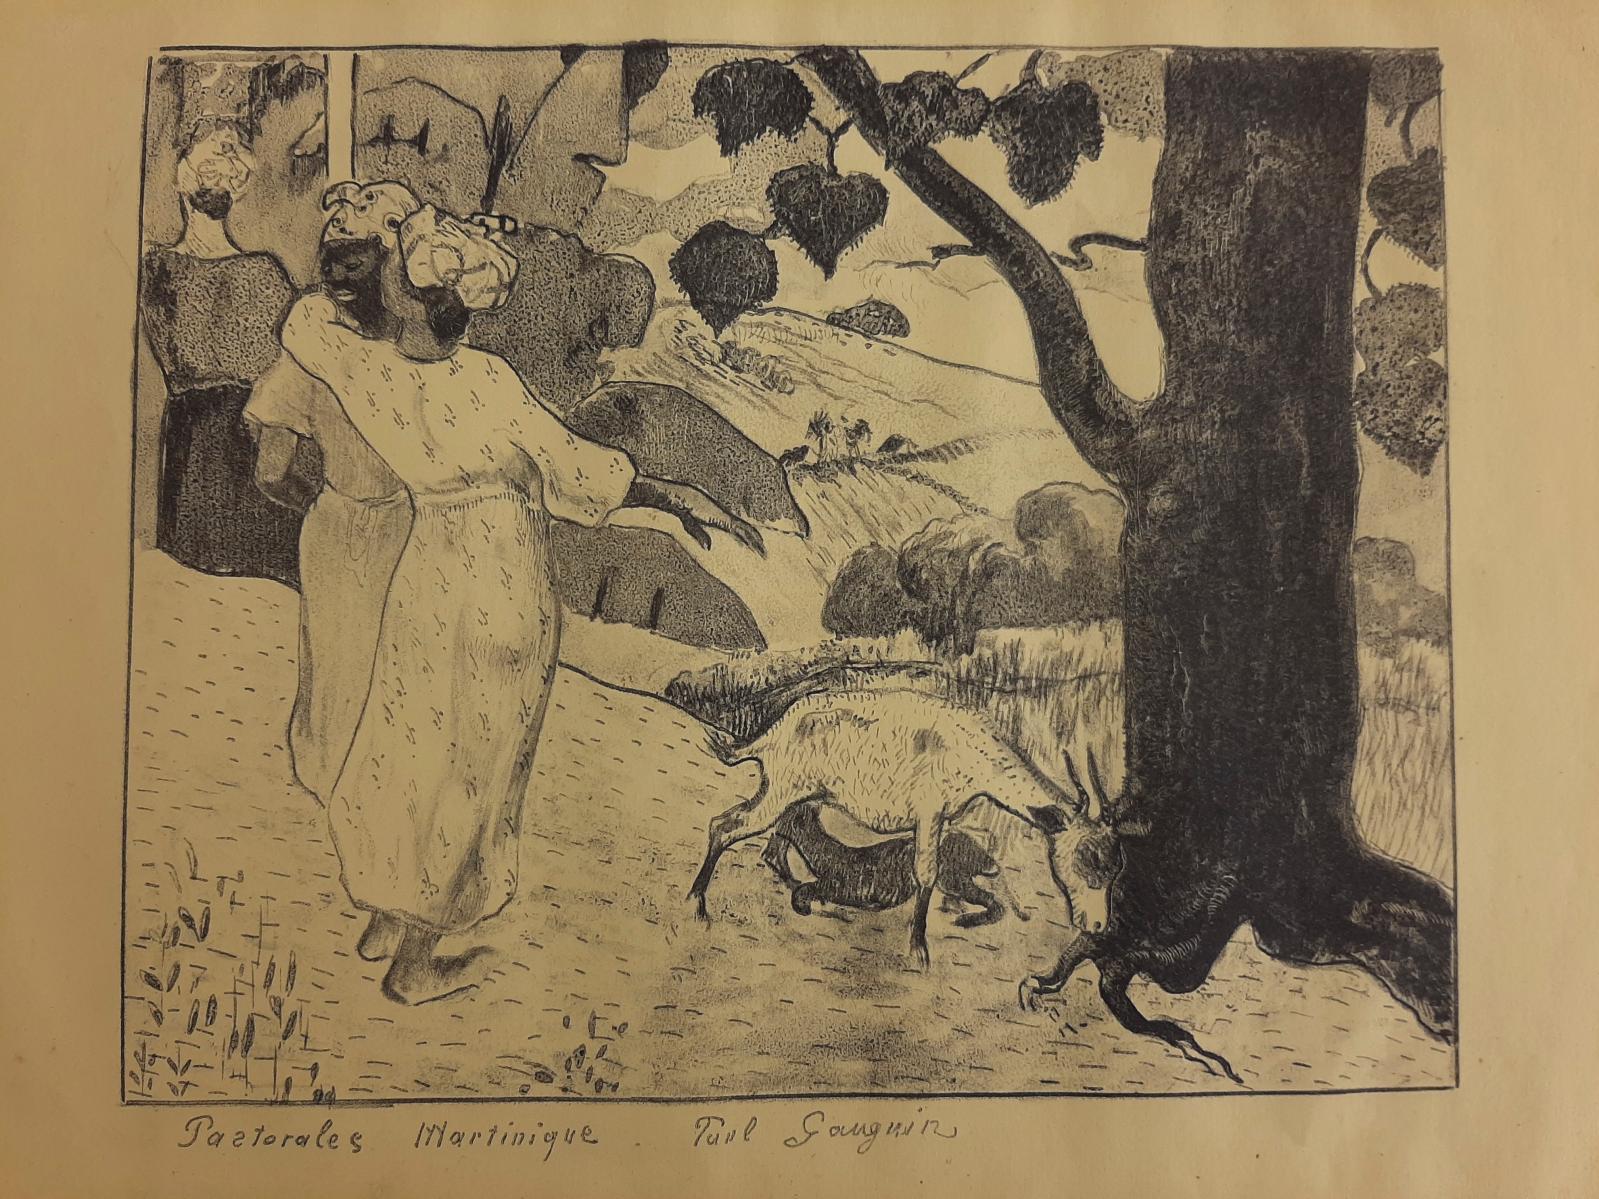 Paul Gauguin, Pastorales Martinique, zincographie sur papier jaune, 1889, 31,5x49cm.